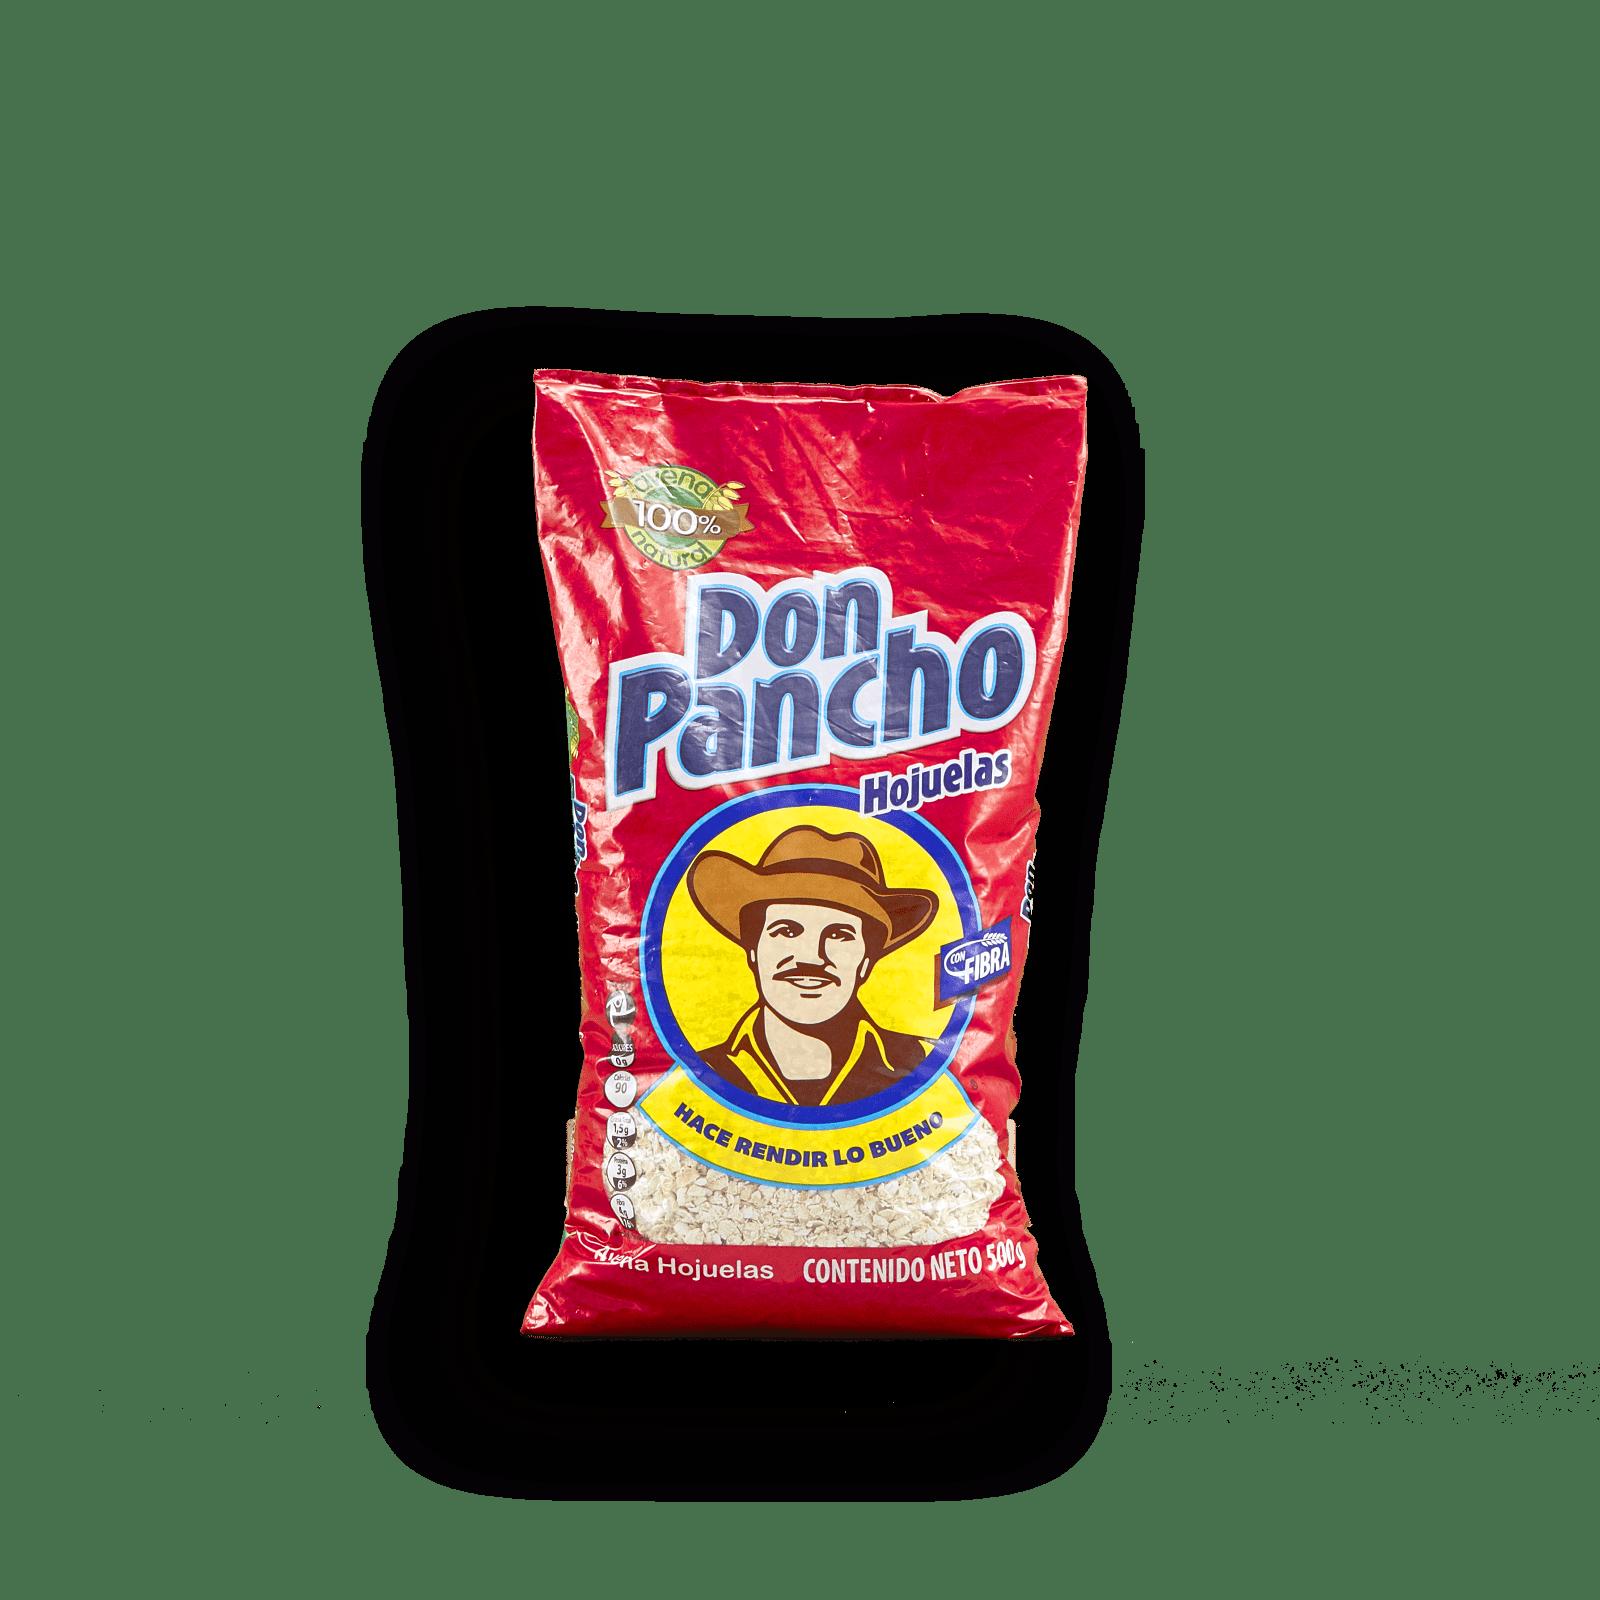 Avena Hojuelas Don Pancho